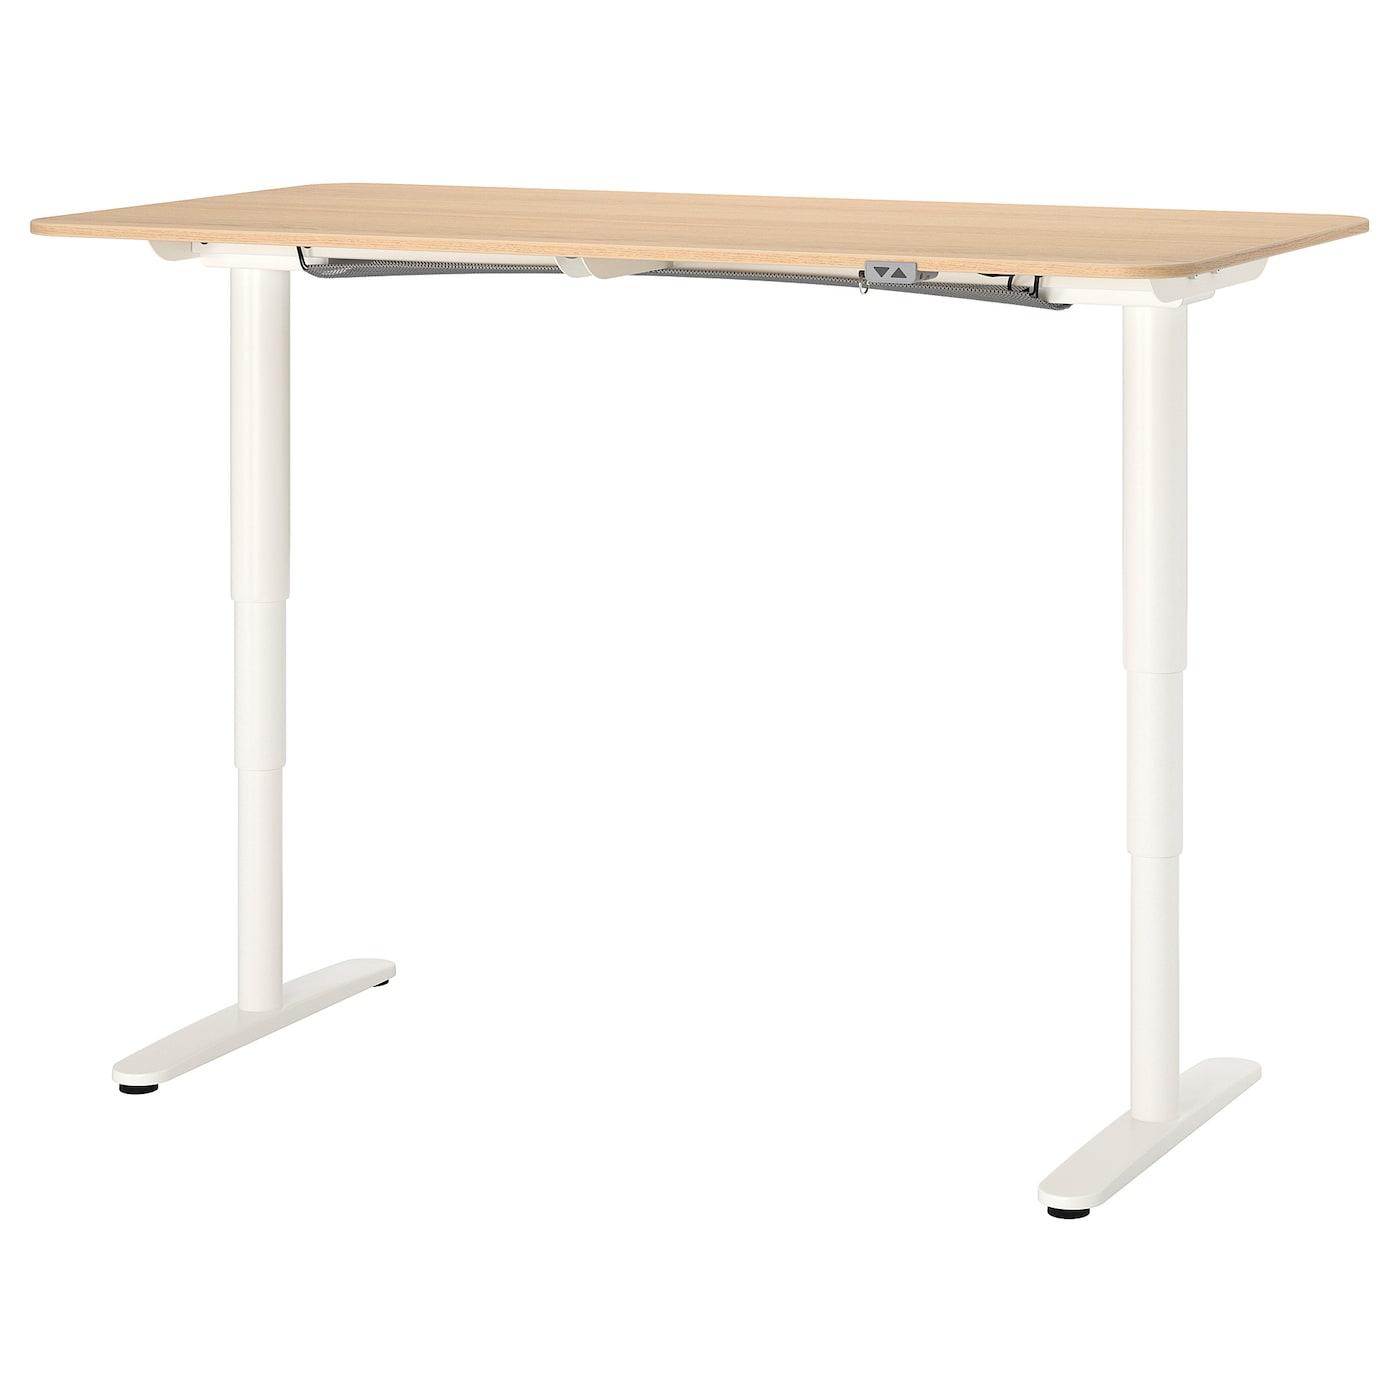 BEKANT Schreibtisch sitzsteh Eichenfurnier weiß lasiertweiß 160x80 cm